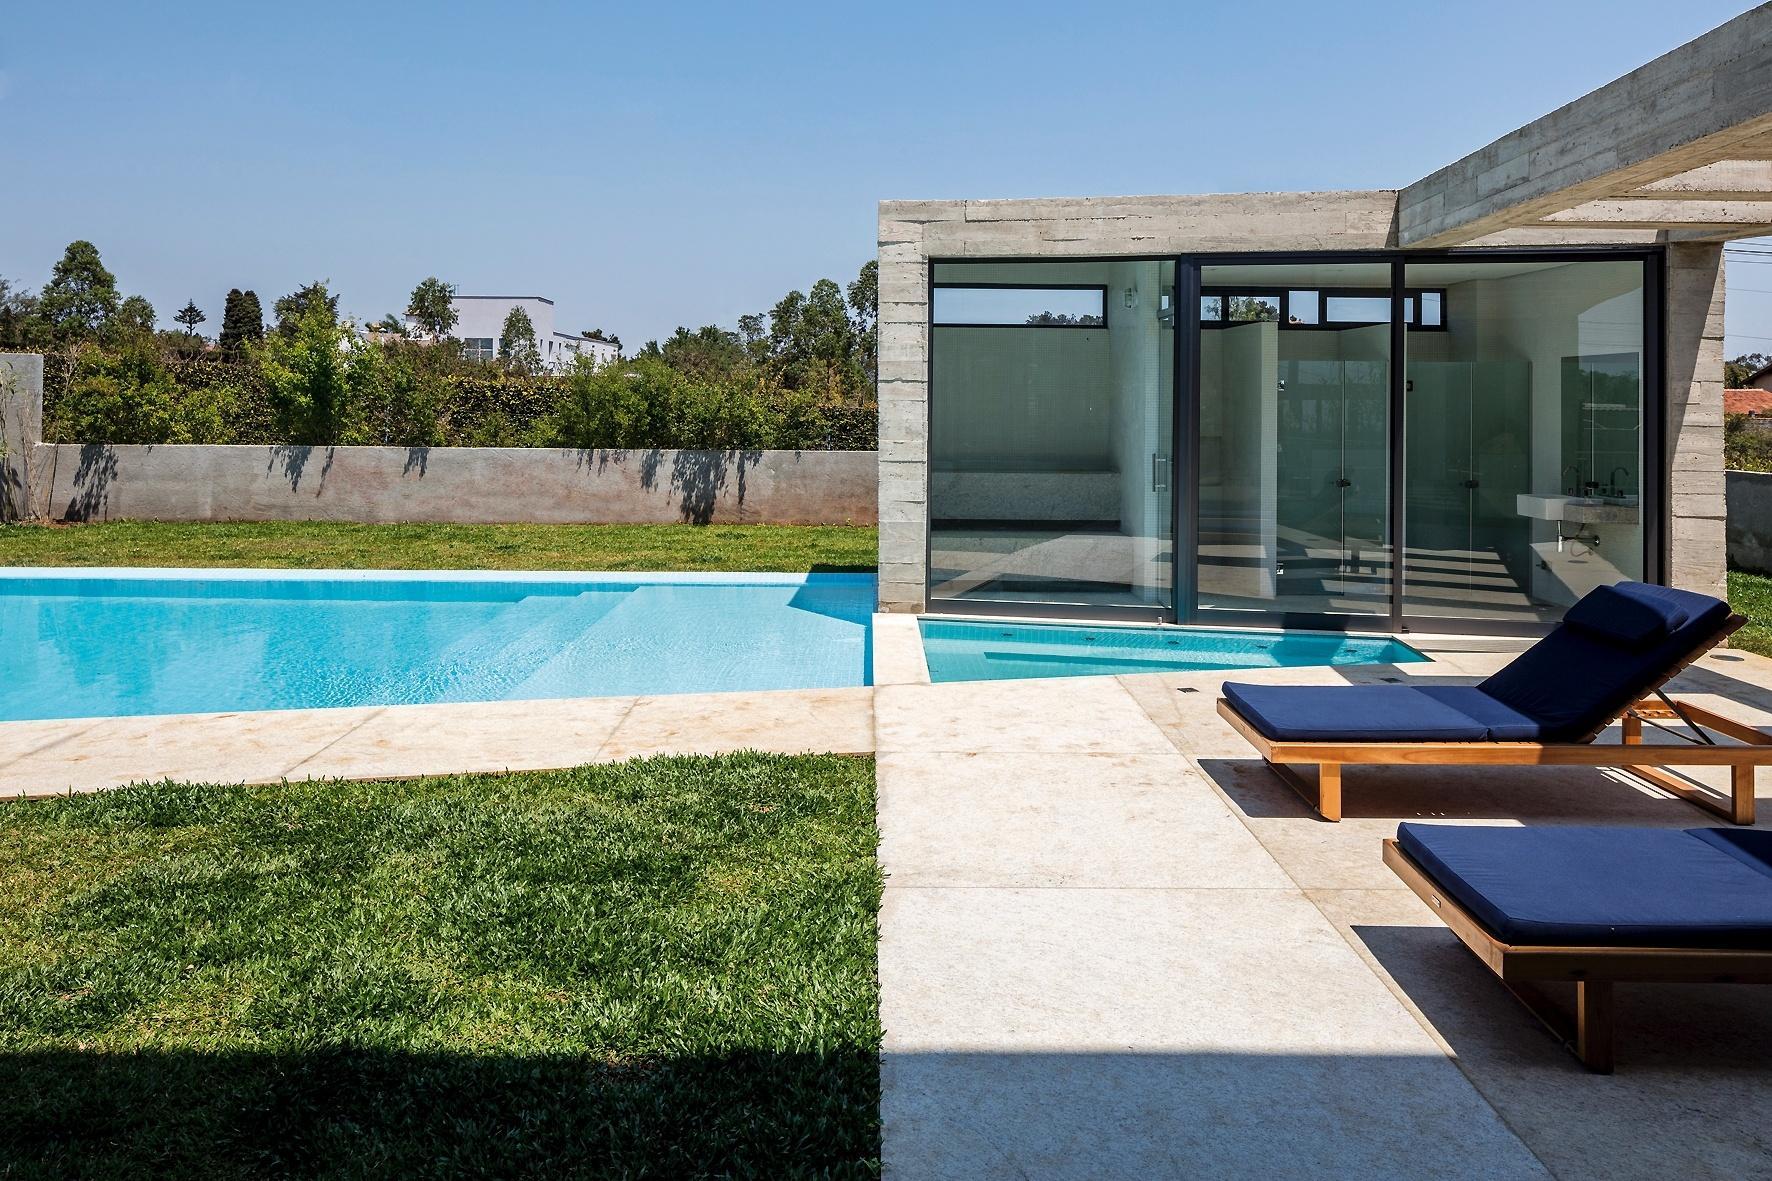 Nos fundos da Casa Braga, projetada pelo arquiteto Gustavo Penna, a estrutura é pensada para o lazer: um pergolado de concreto (à dir.) liga a residência ao bloco da sauna (à dir.), todo envidraçado e voltado para as piscinas com profundidades distintas: uma é dedicada aos adultos (à esq.) e outras é ideal para as crianças